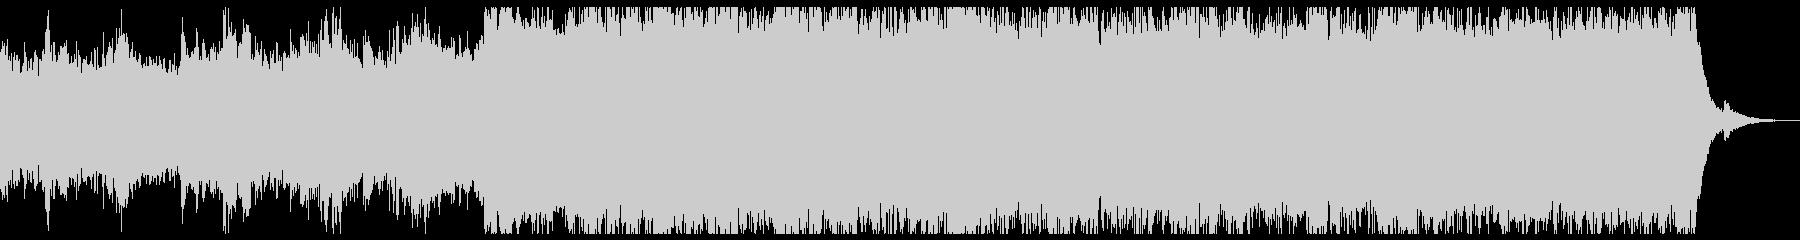 雄大で少し切ないチルアウトアンビエント。の未再生の波形